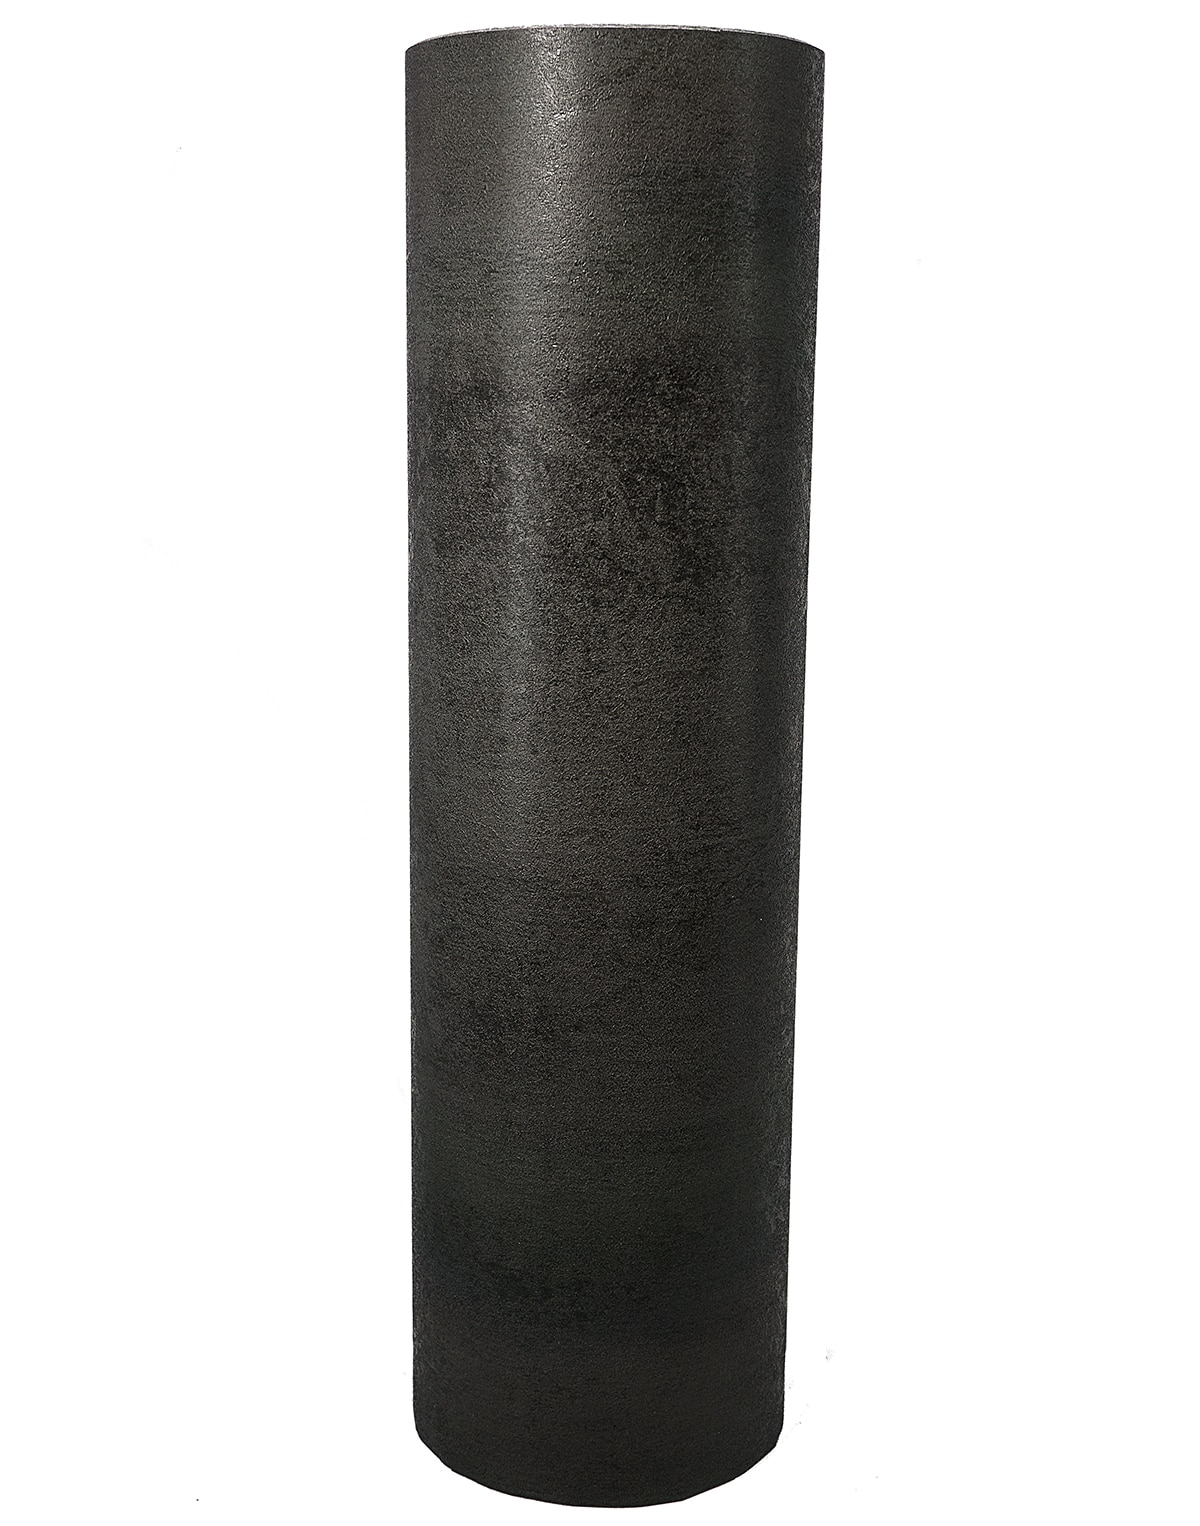 Винтажный виниловый самоклеющийся виниловый стикер из ПВХ с черным древесным углем и серым песчаником